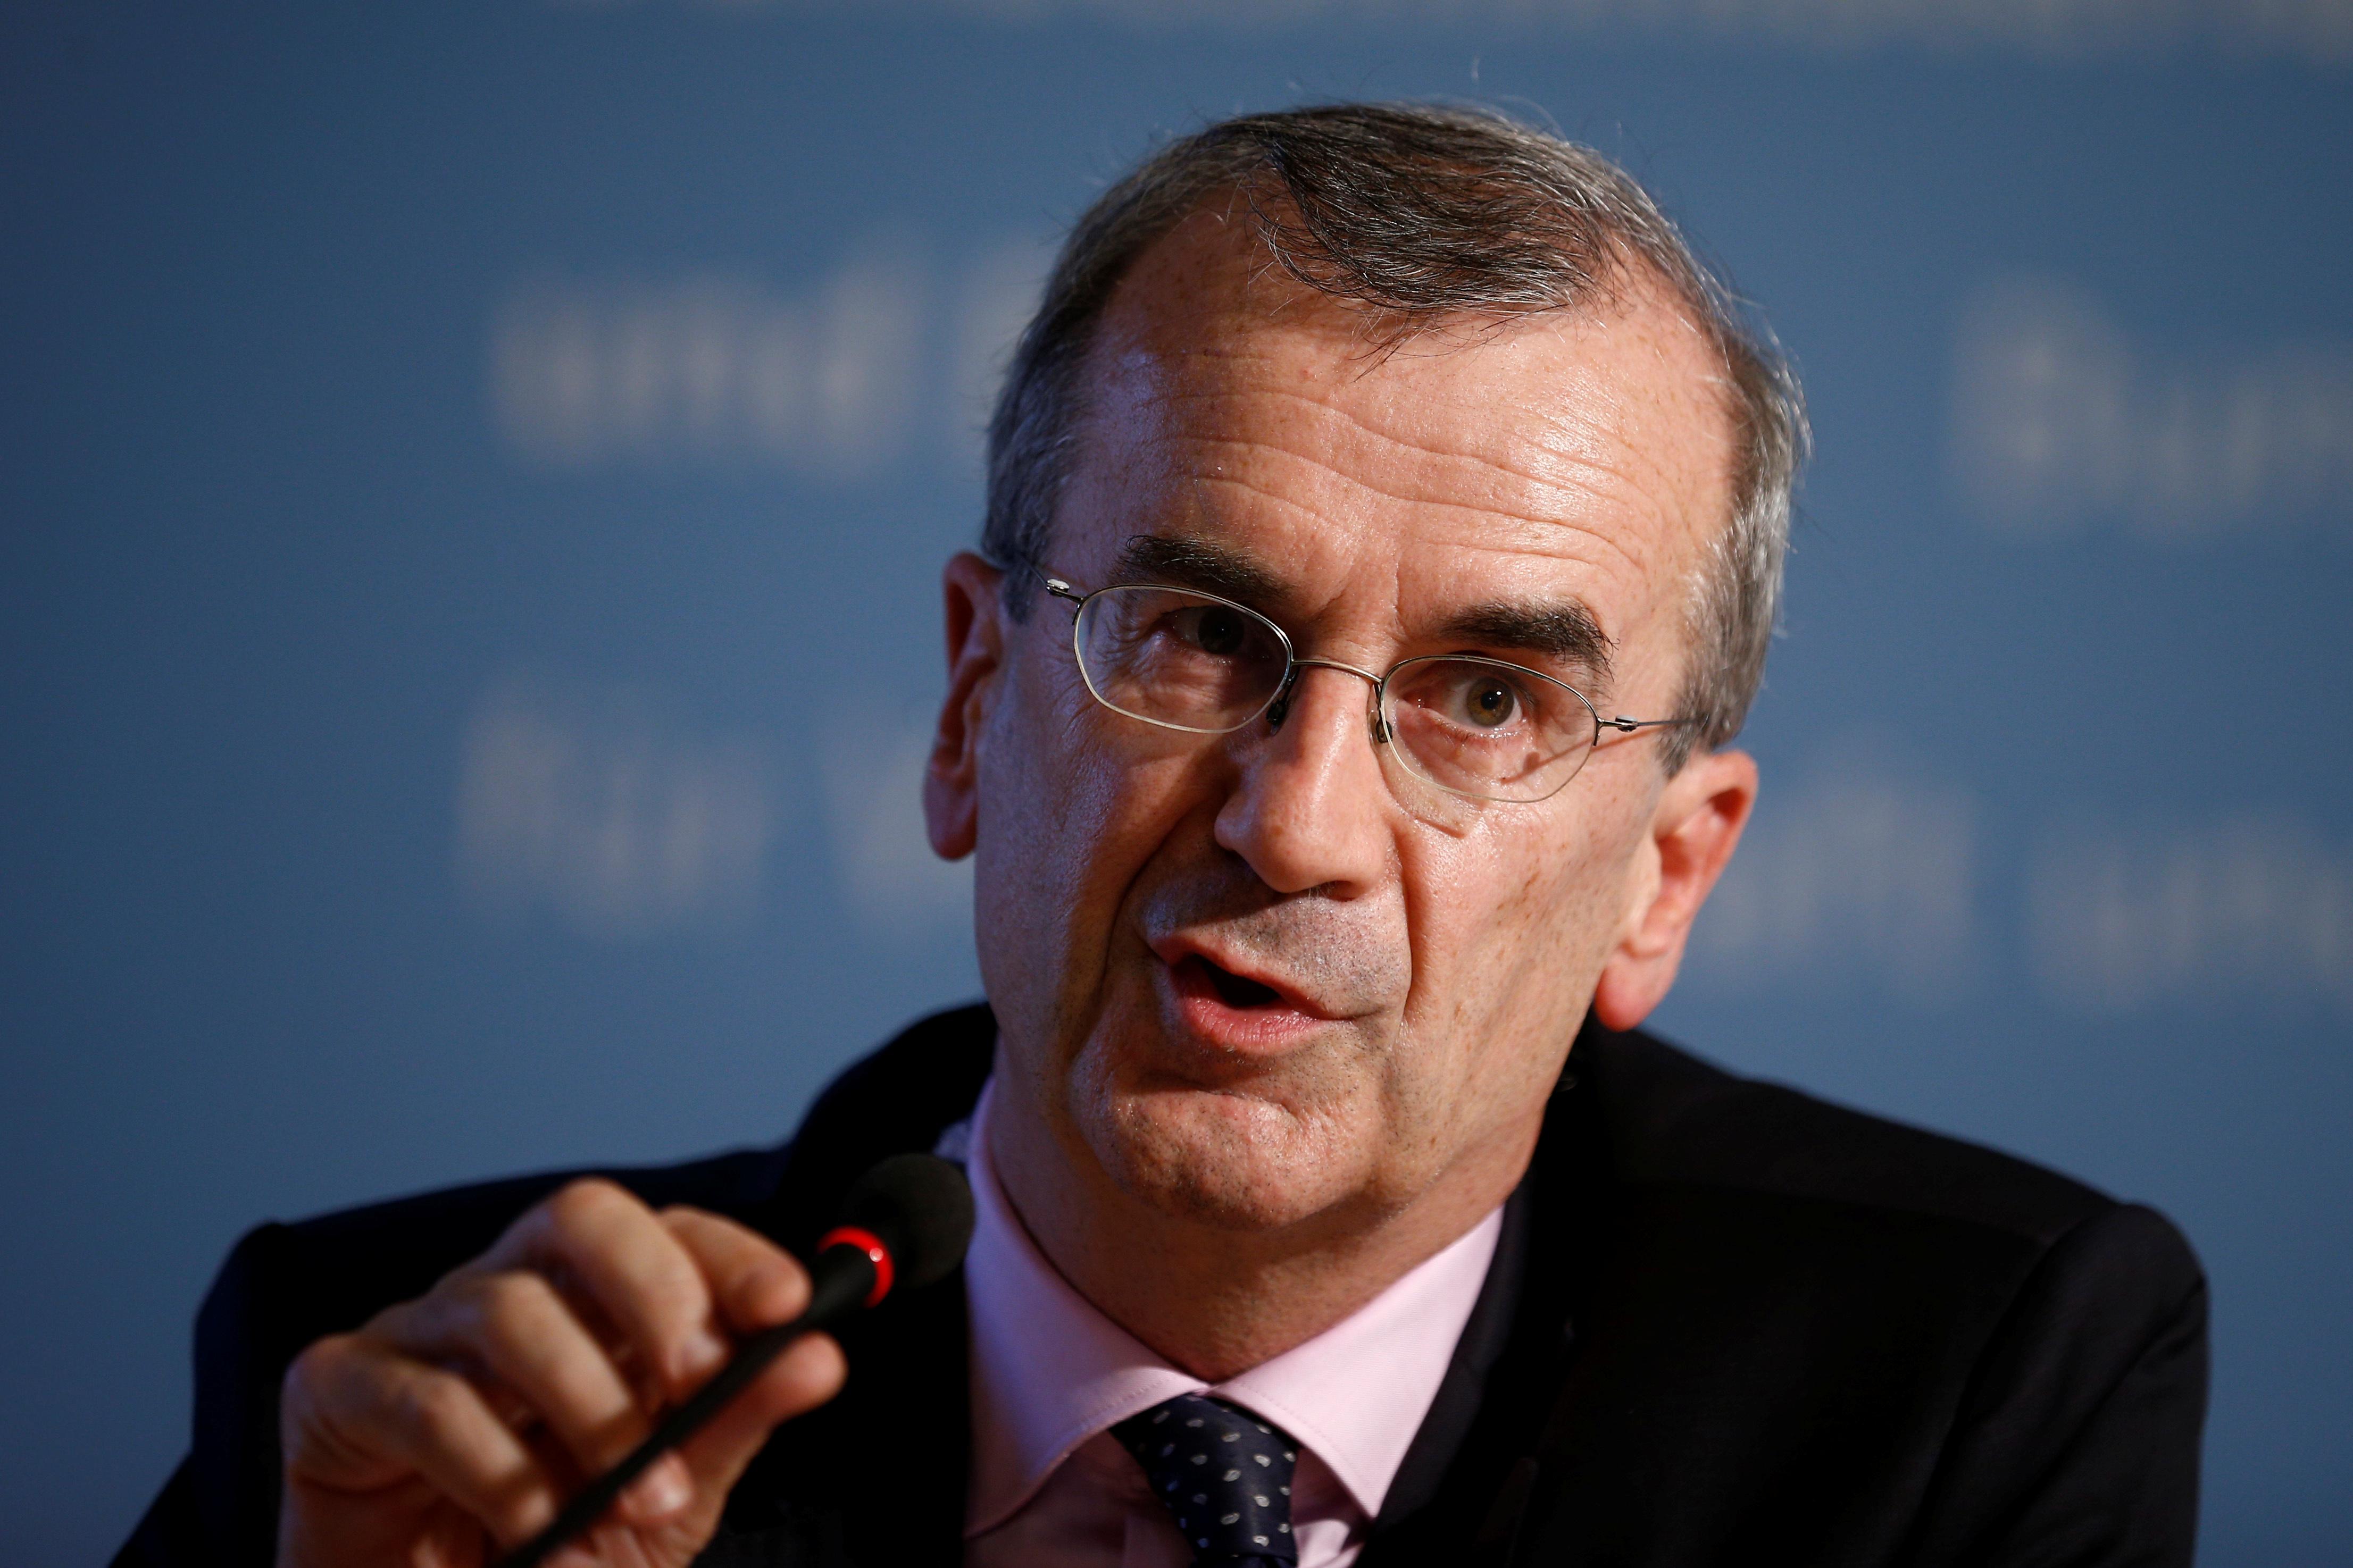 La BCE doit envisager de reformuler son objectif d'inflation, dit Villeroy de Galhau